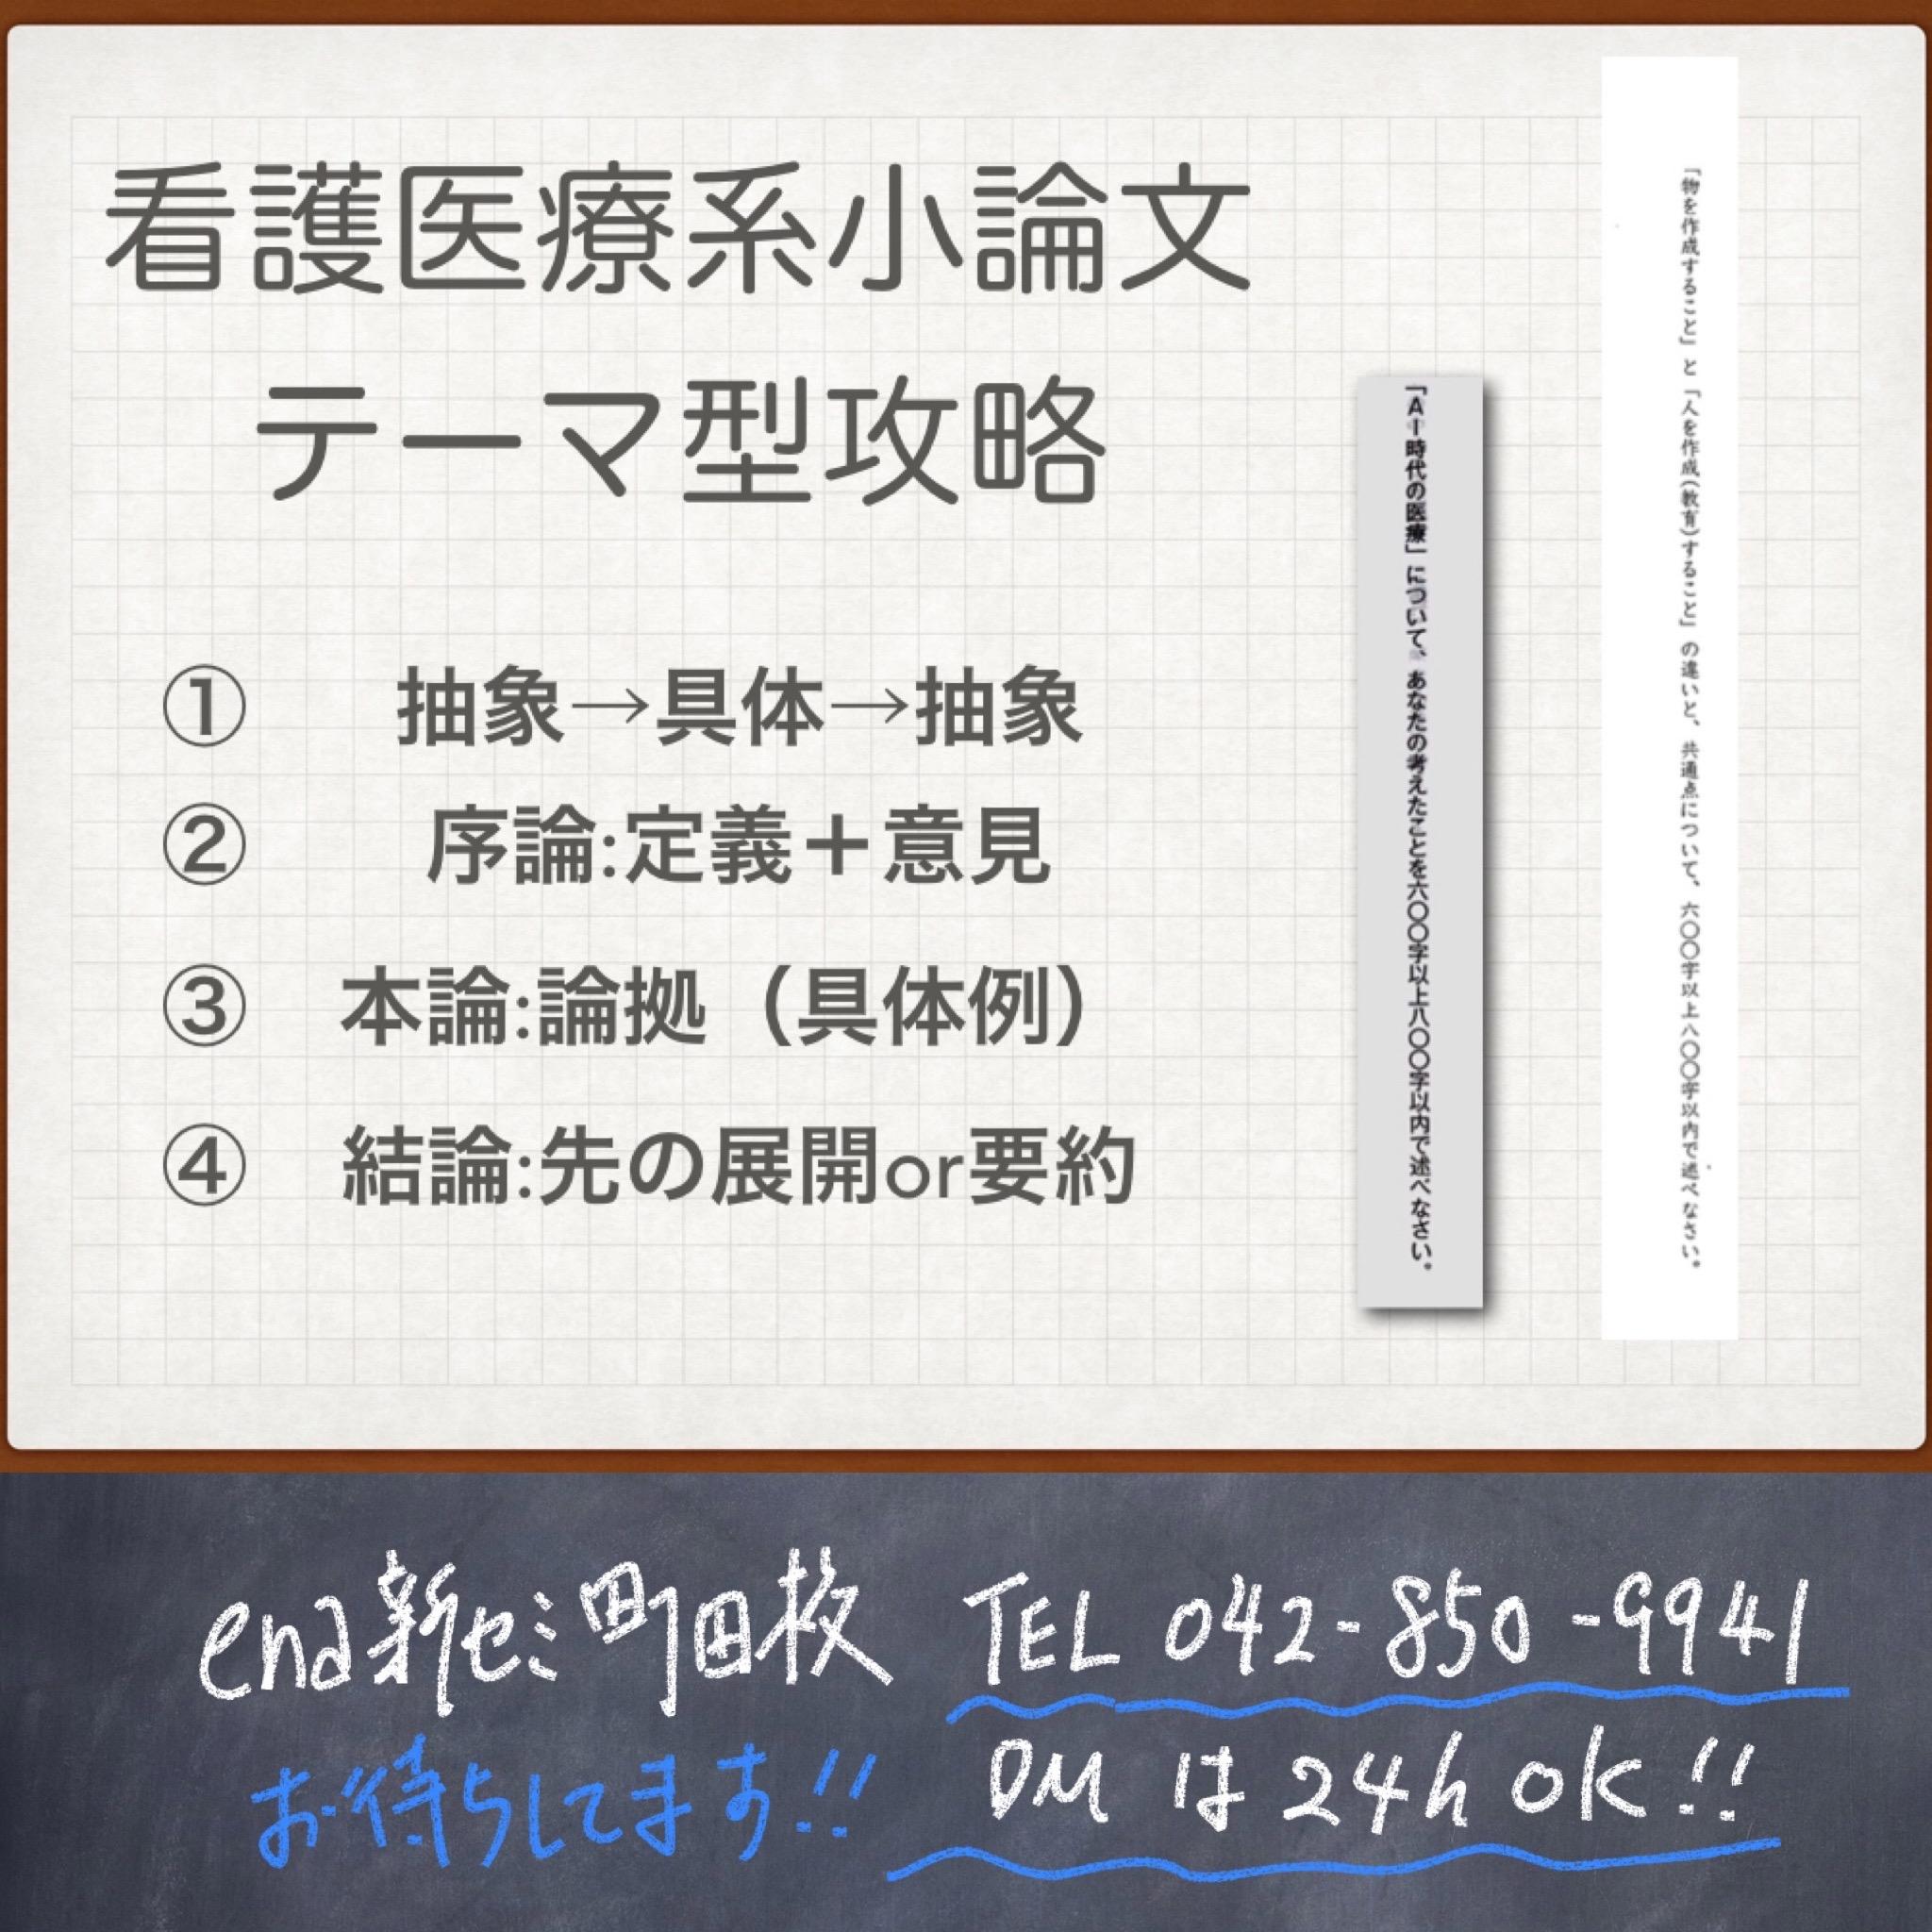 817A6080-DA05-46D5-9754-FB132D44D99B